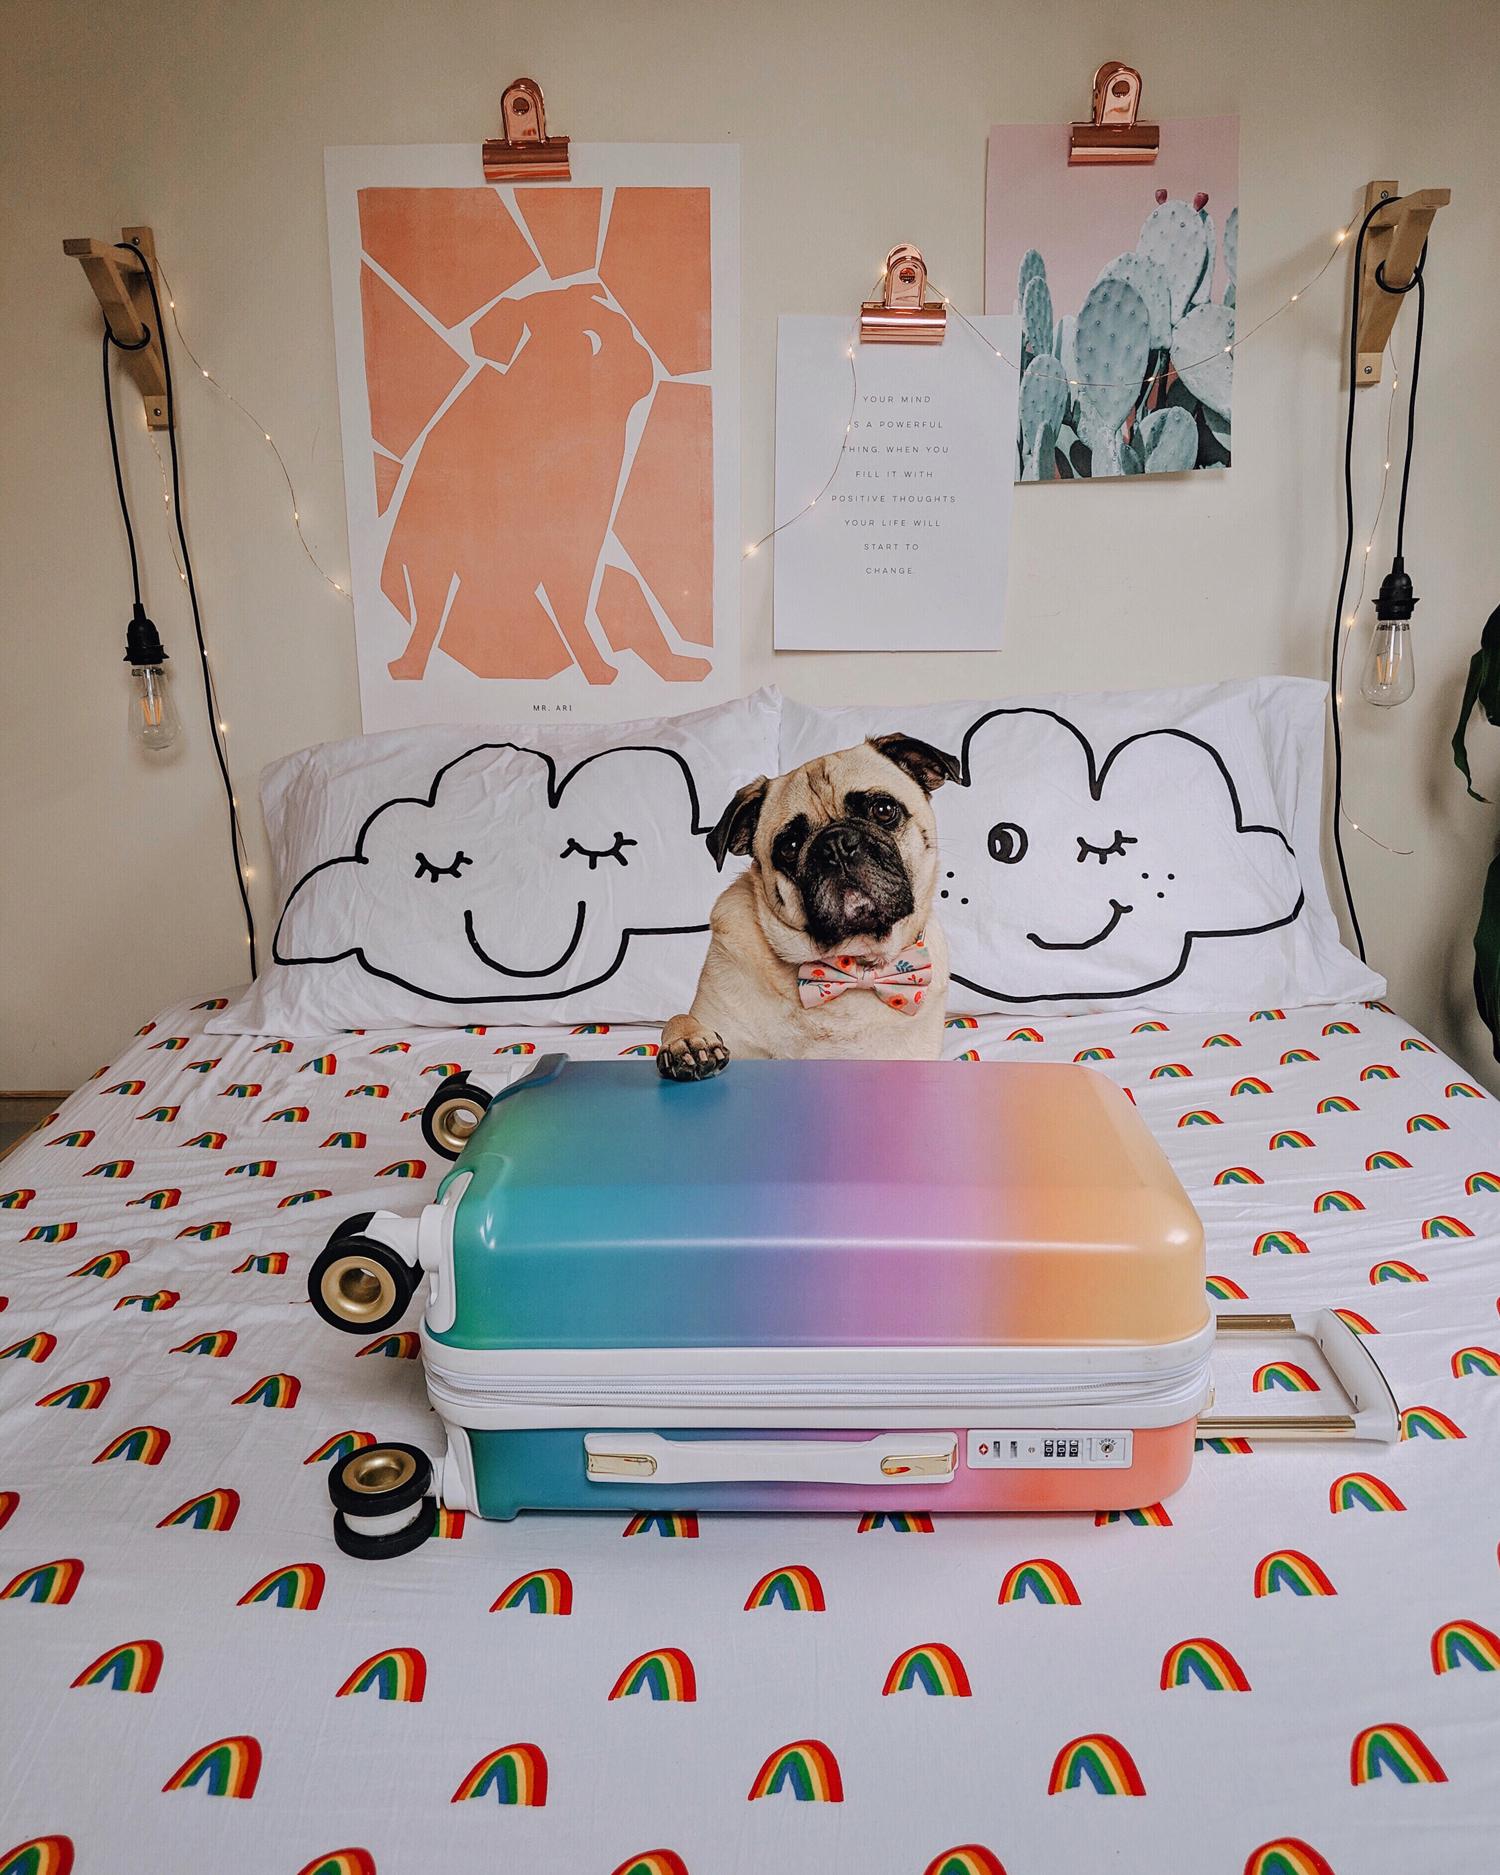 Portland-dogfriendly-travel-travelwithyourdog-woodenshoetulipfestival-2019-dogstraveling-dogblog-pug-dogmomblog-newyorkblog-visitportland31.jpg